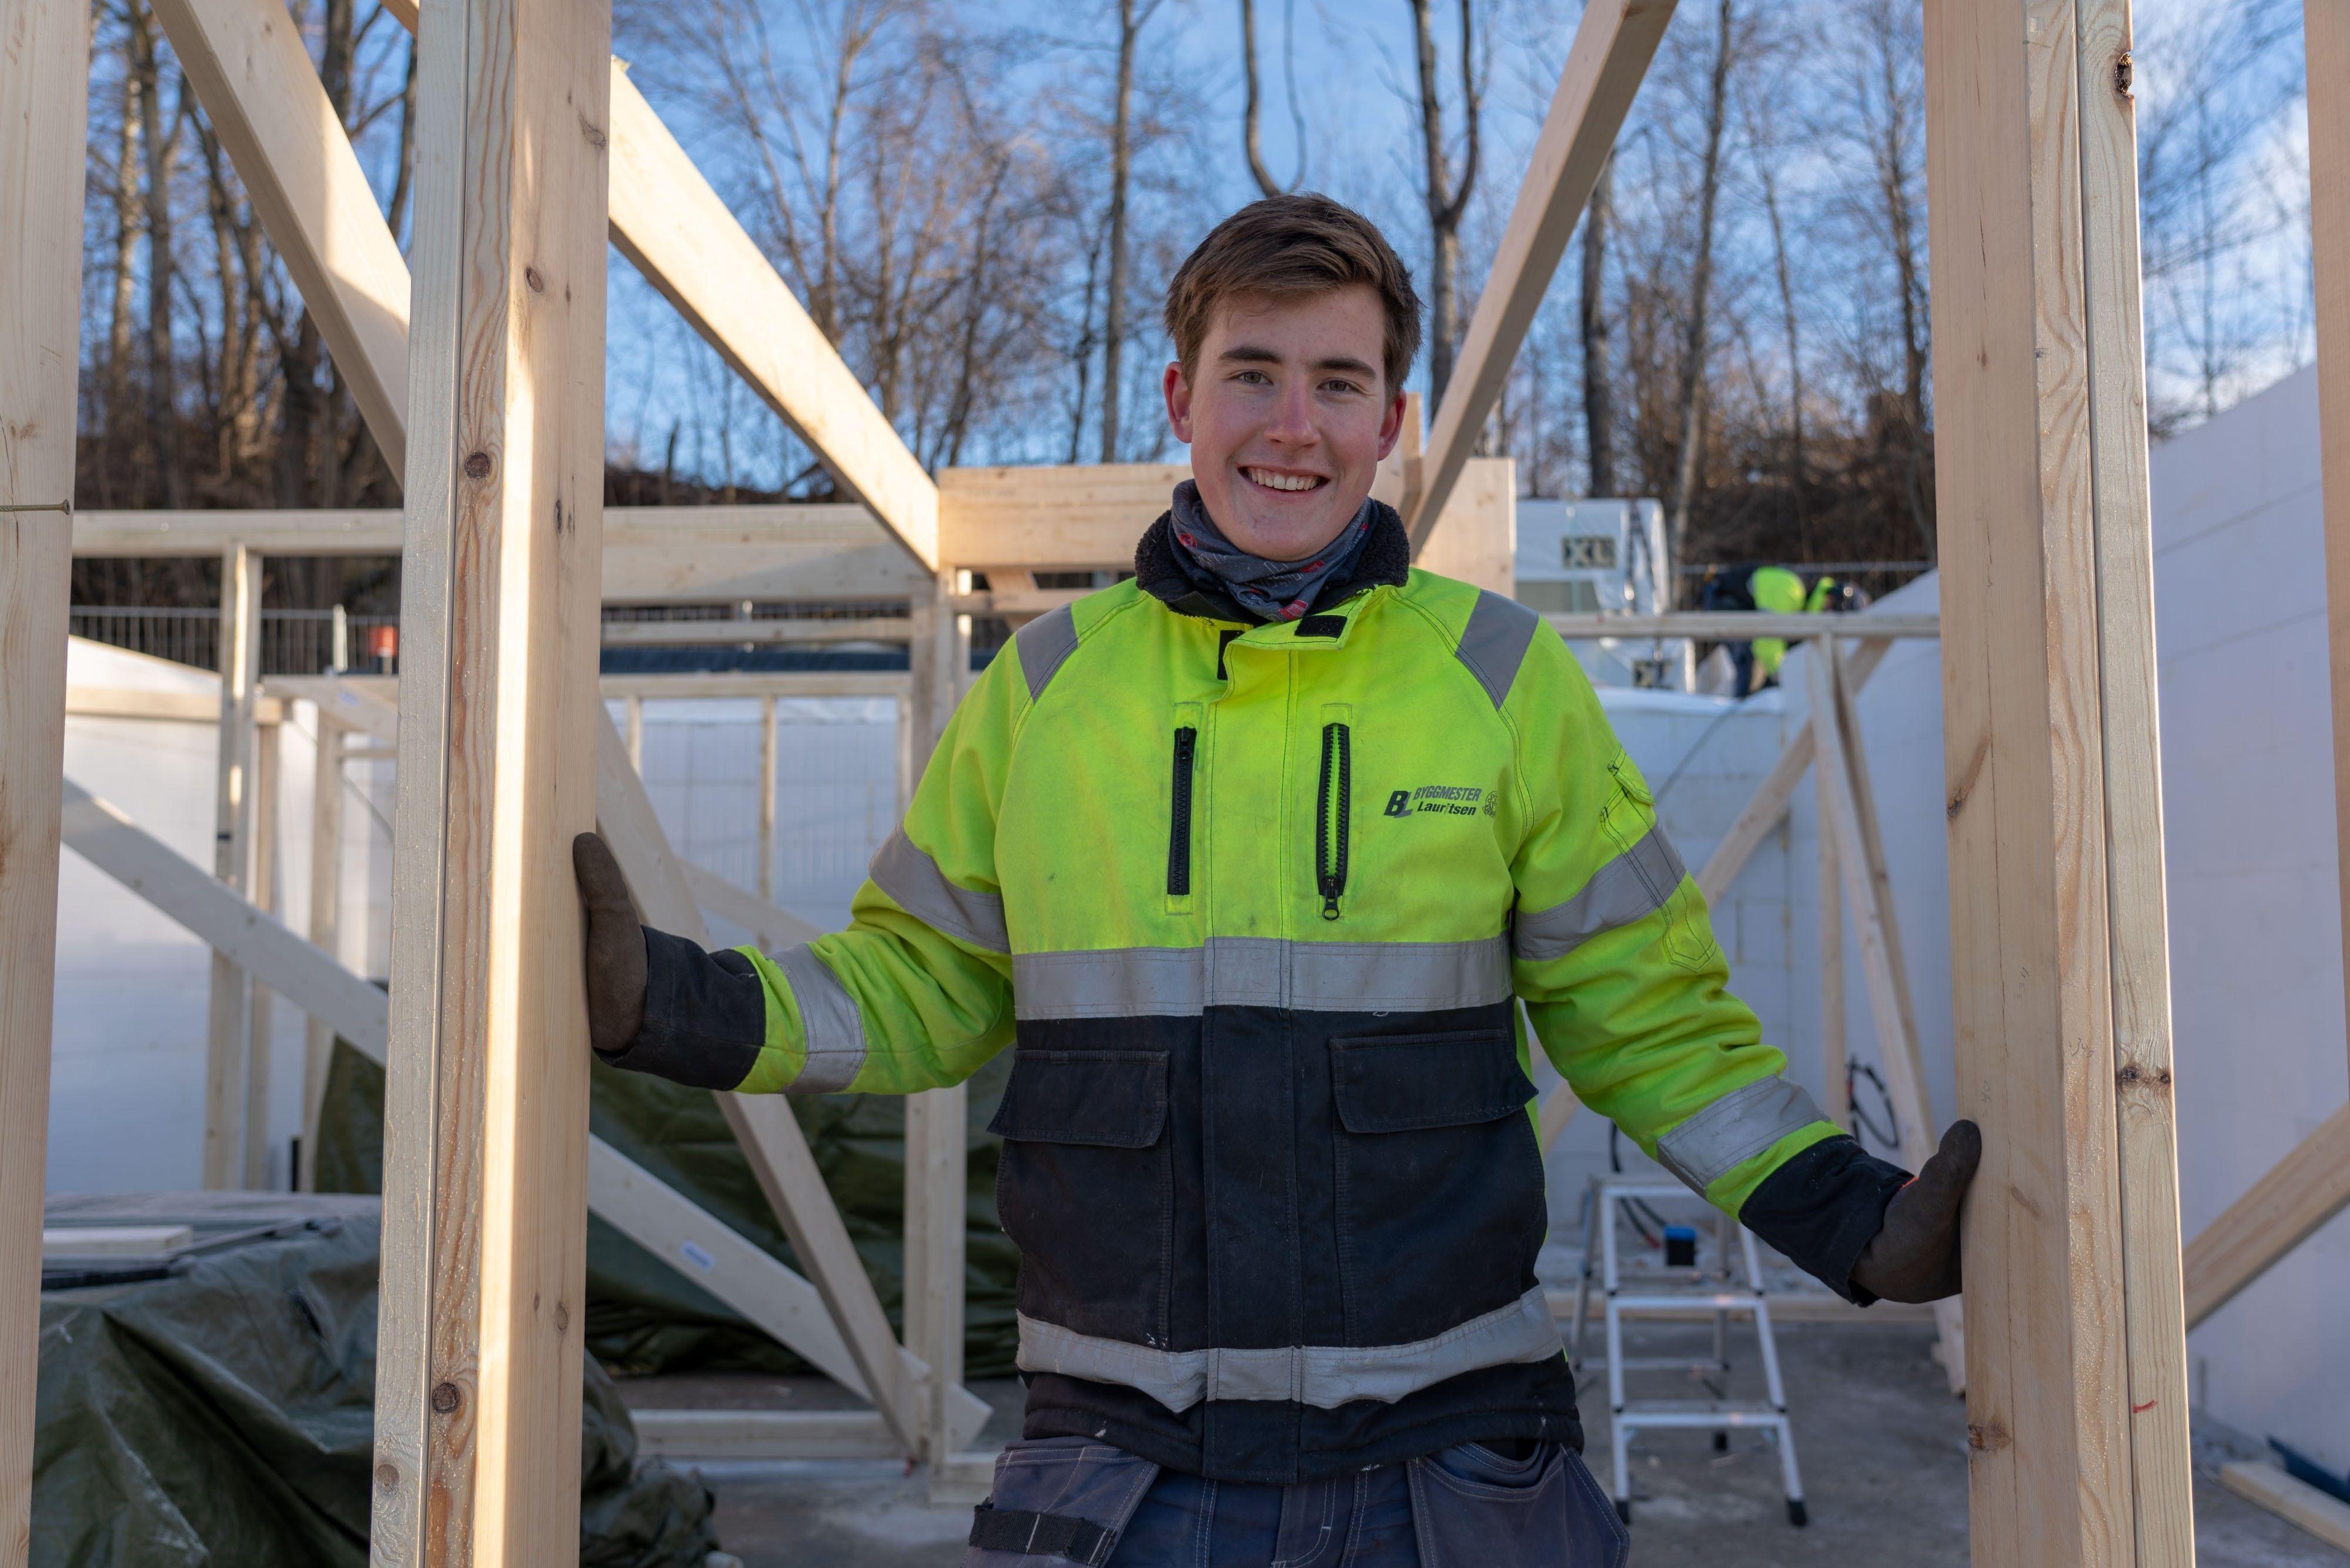 FULGTE SNEKKERDRØMMEN: Preben Østby (18) har alltid likt å være ute og jobbe praktisk. For han var en utdannelse innen byggfag det riktige valget.